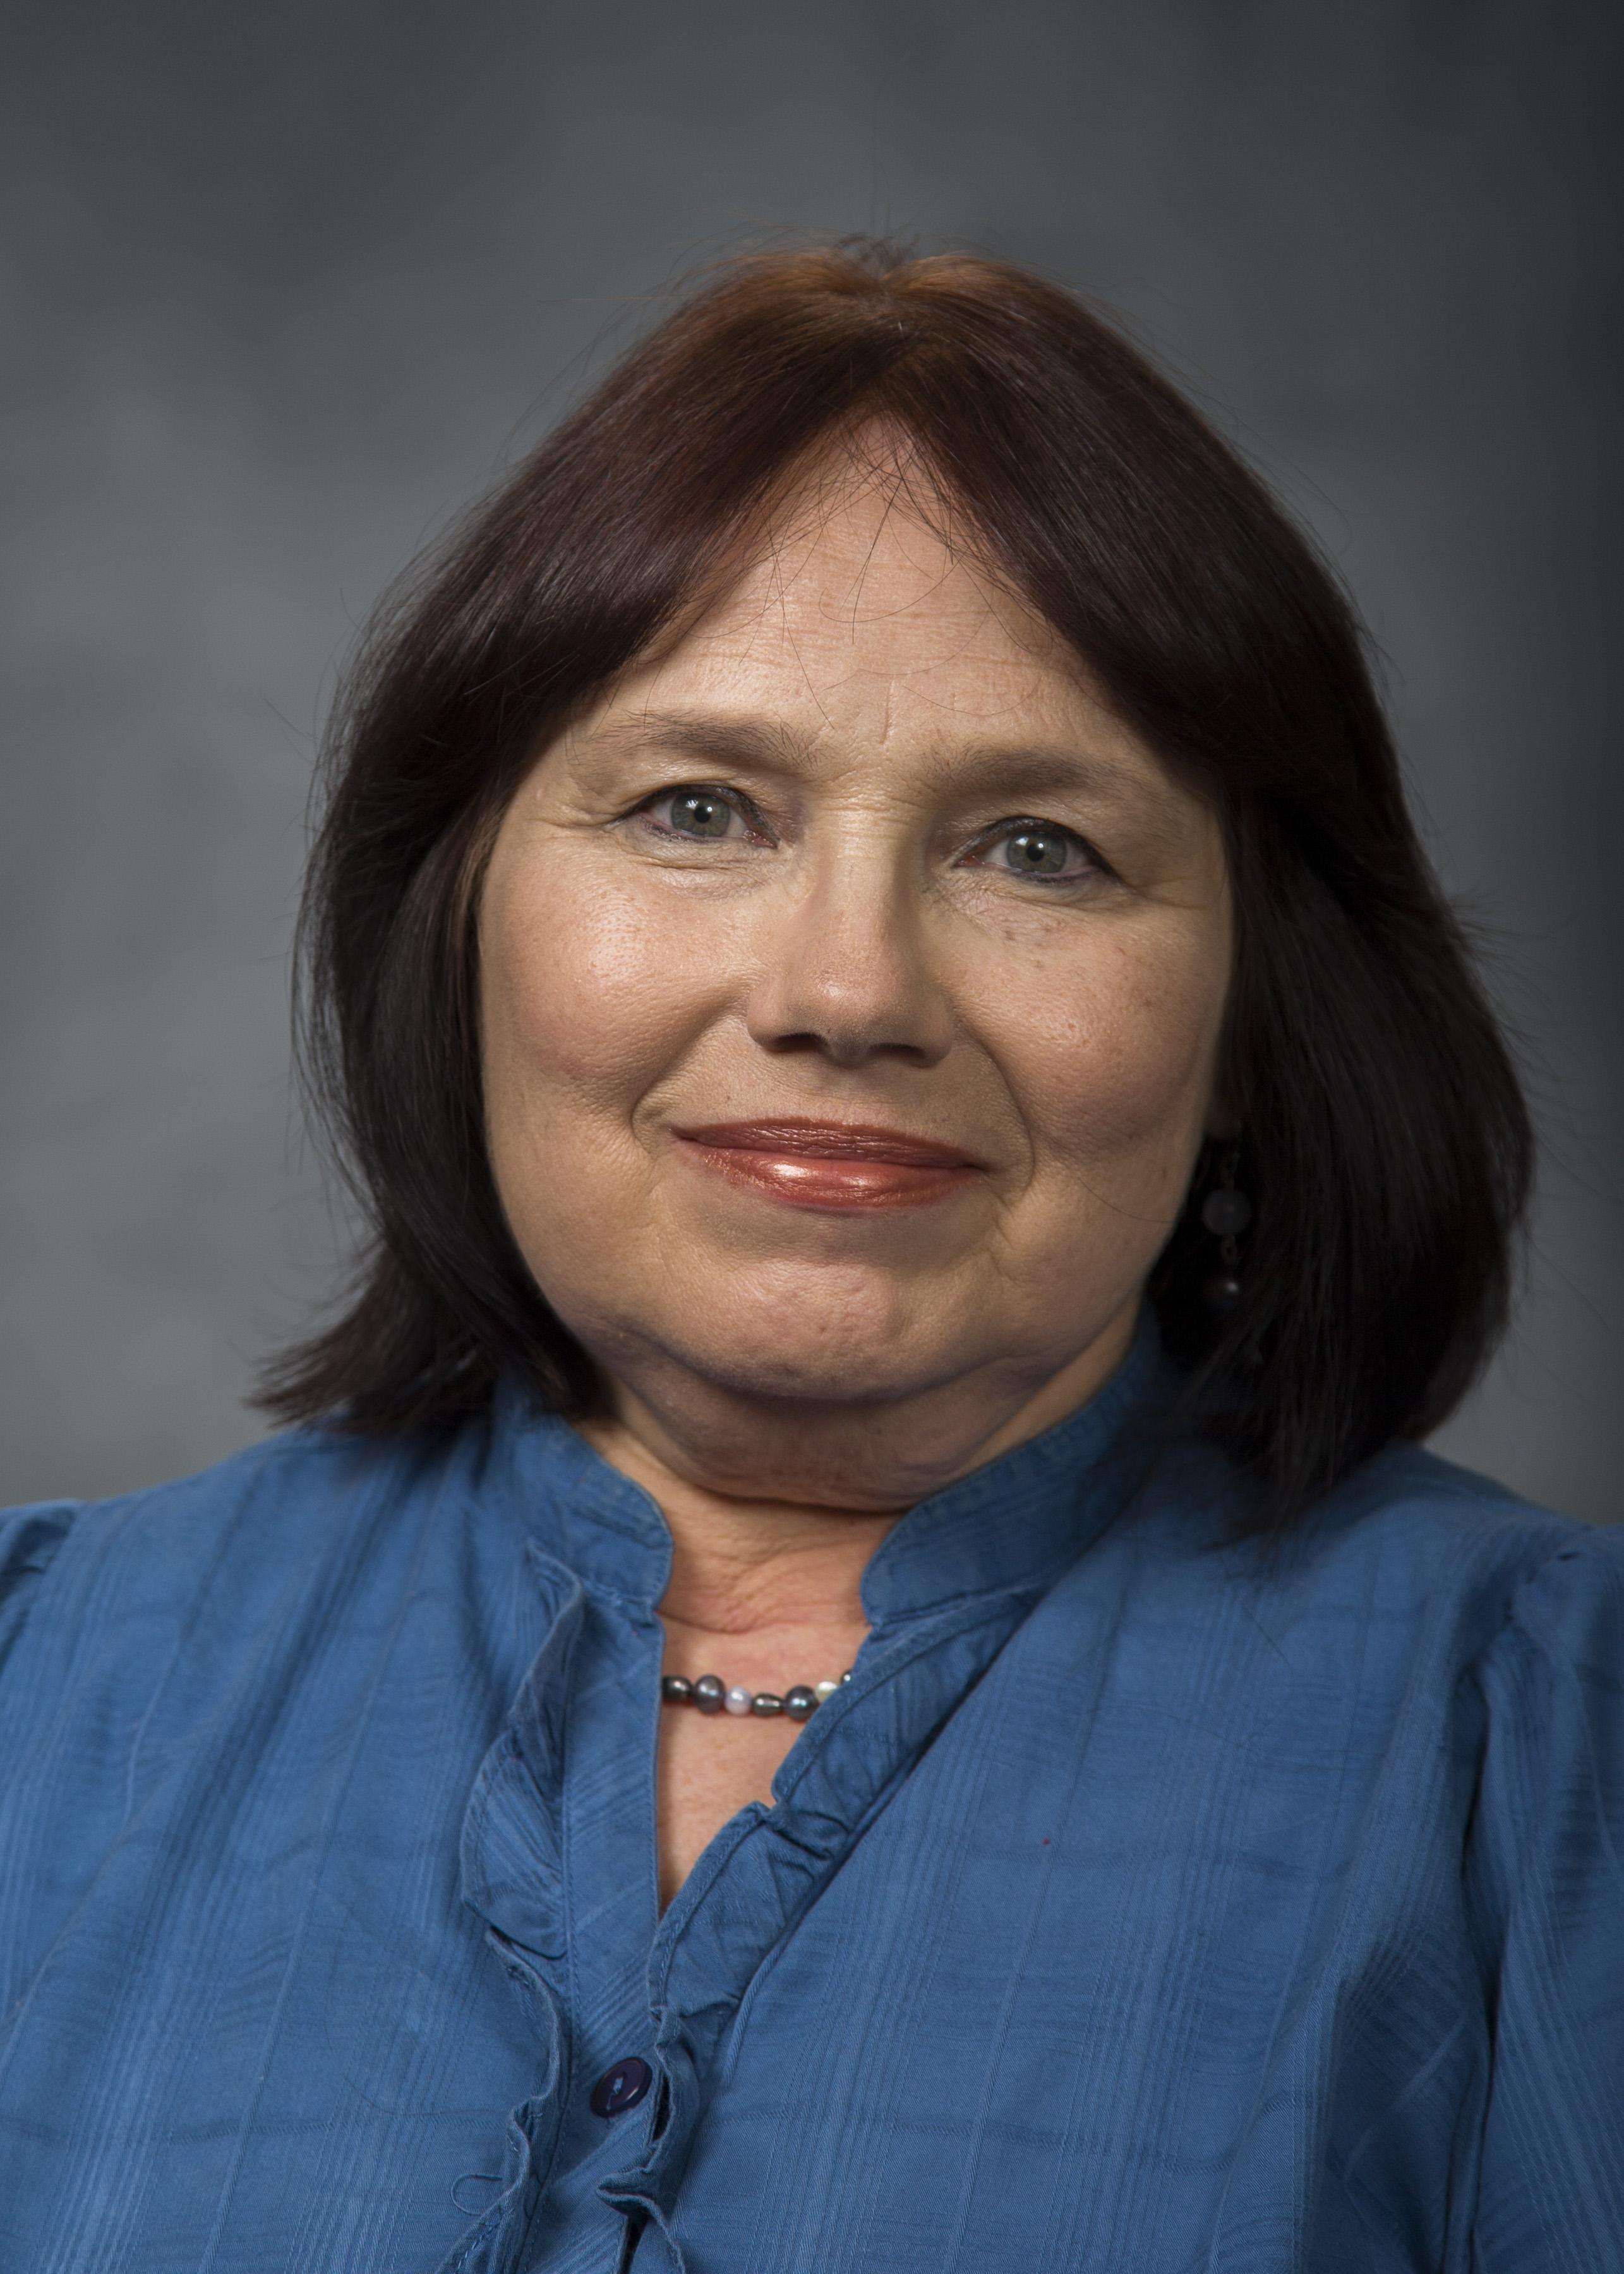 Anne Mella